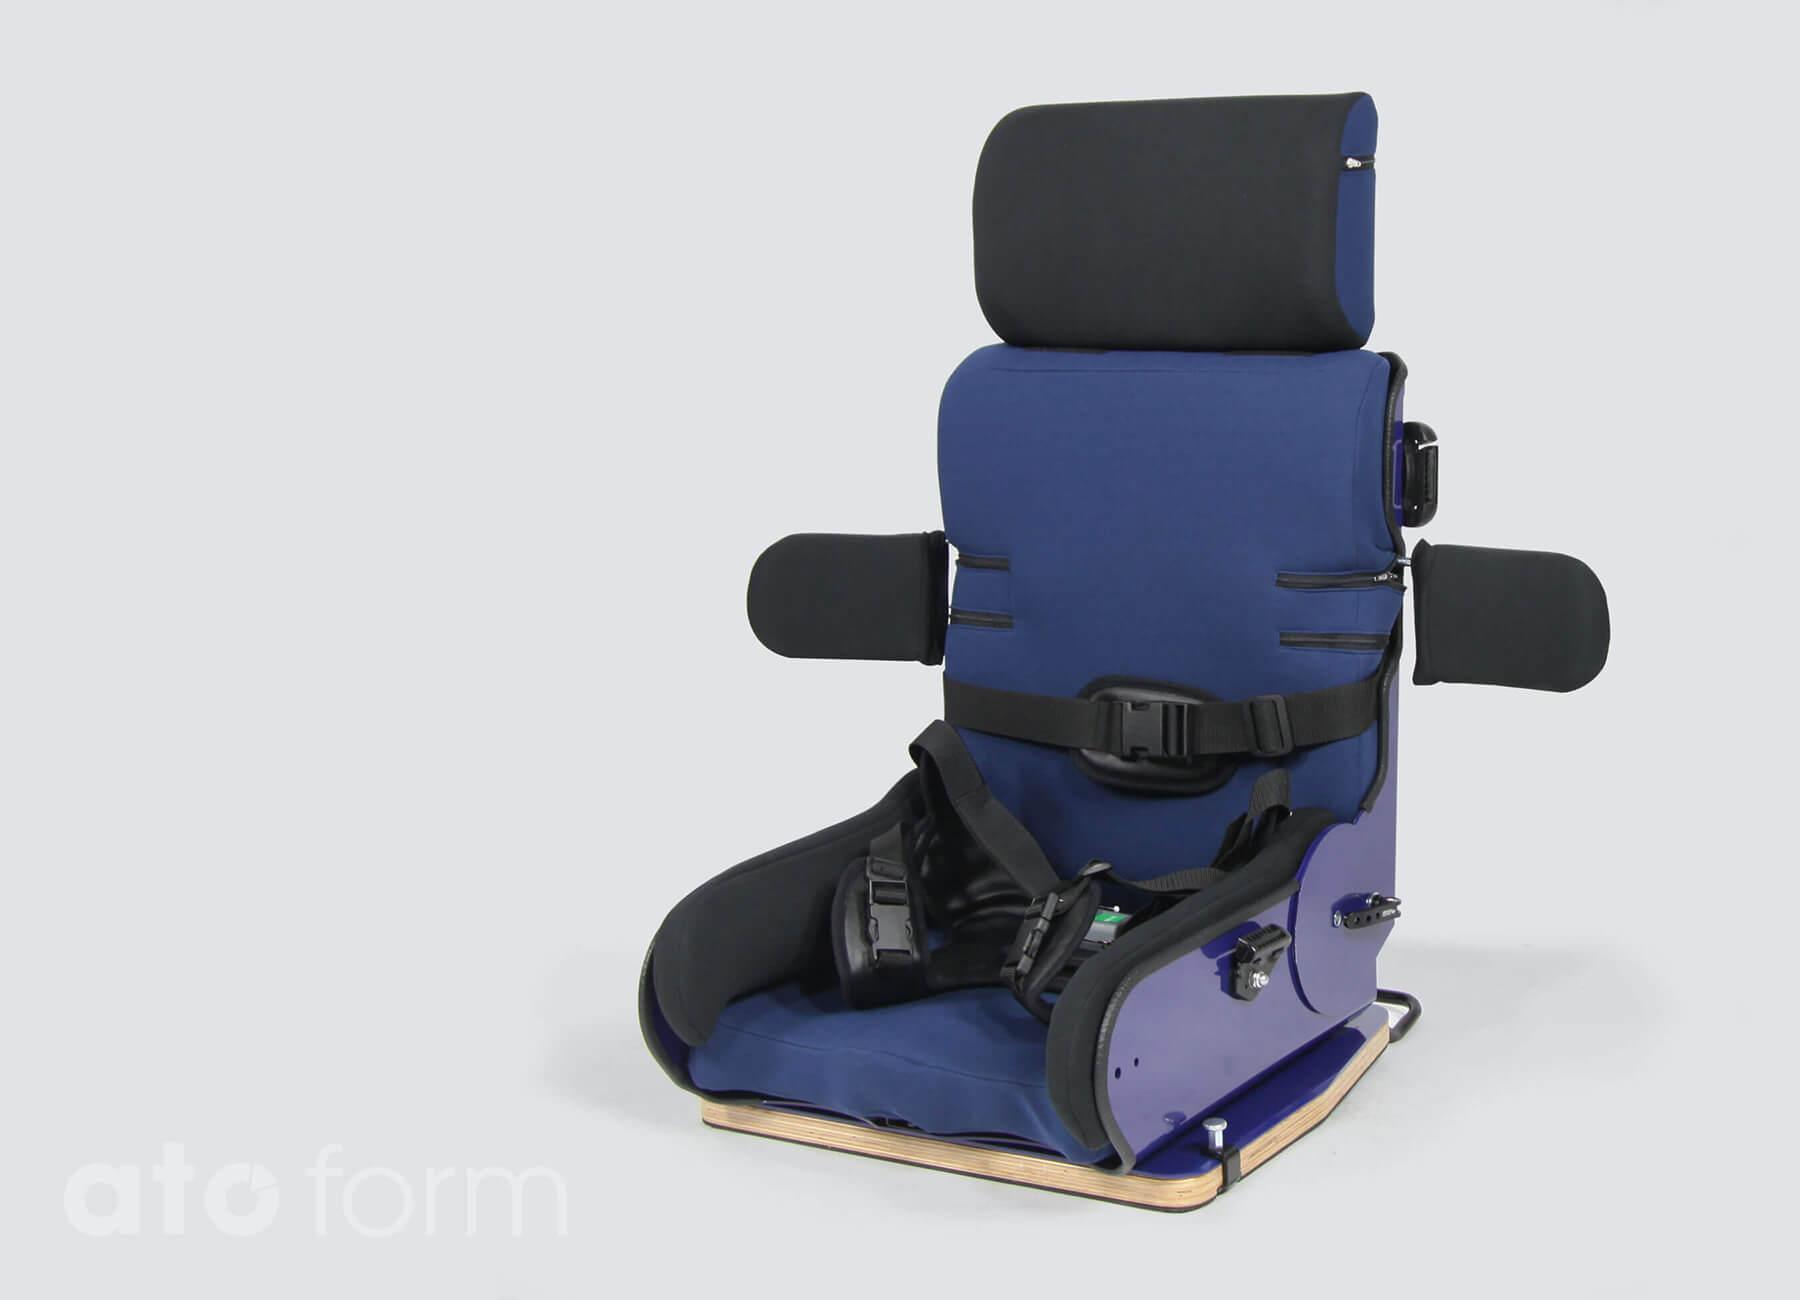 Autostoel met aangepaste rugleuning